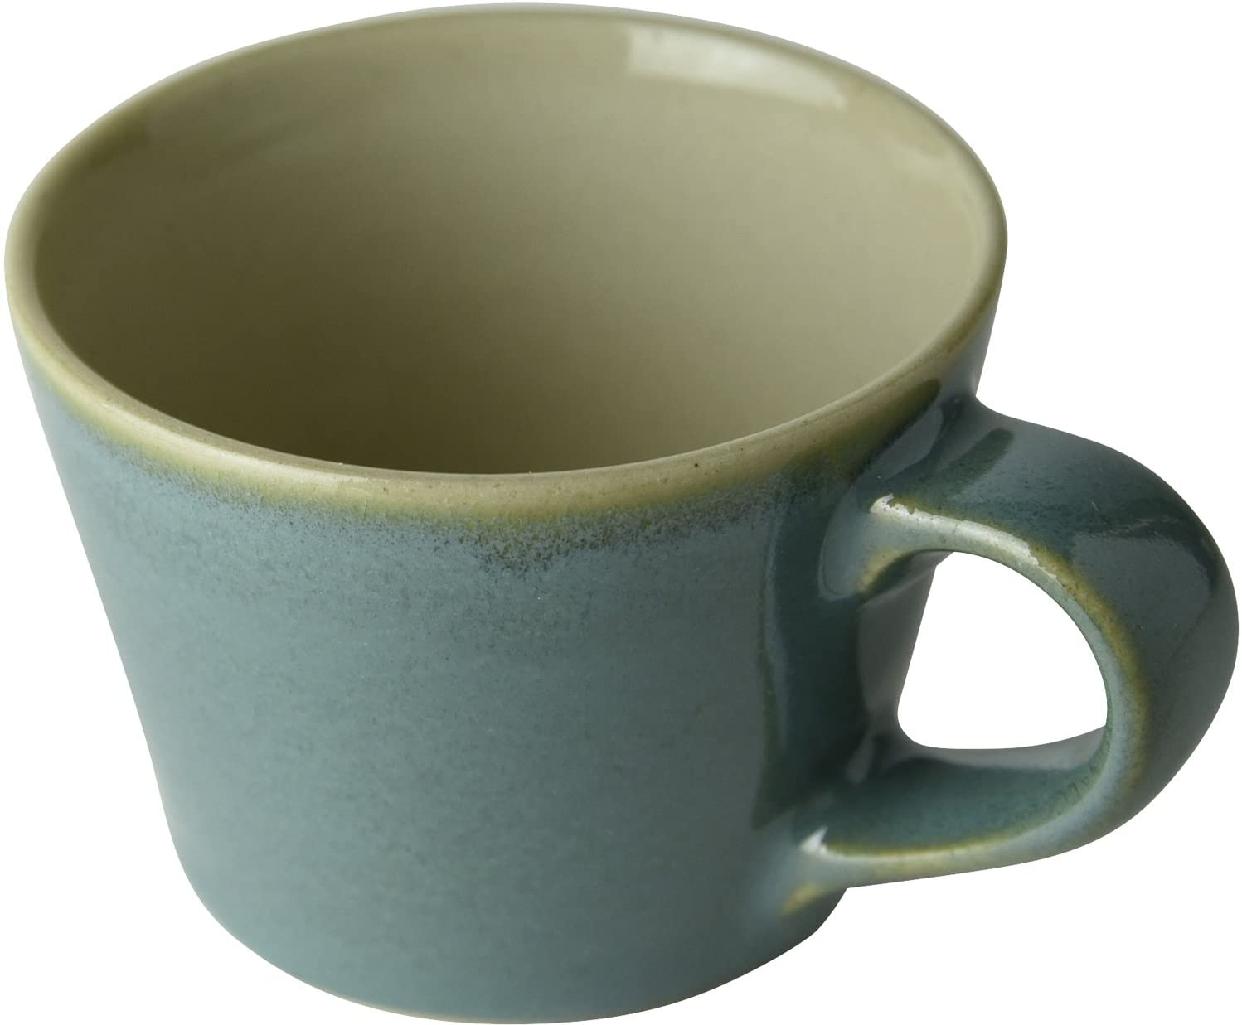 Tsukamoto 益子焼 デミタスカップの商品画像